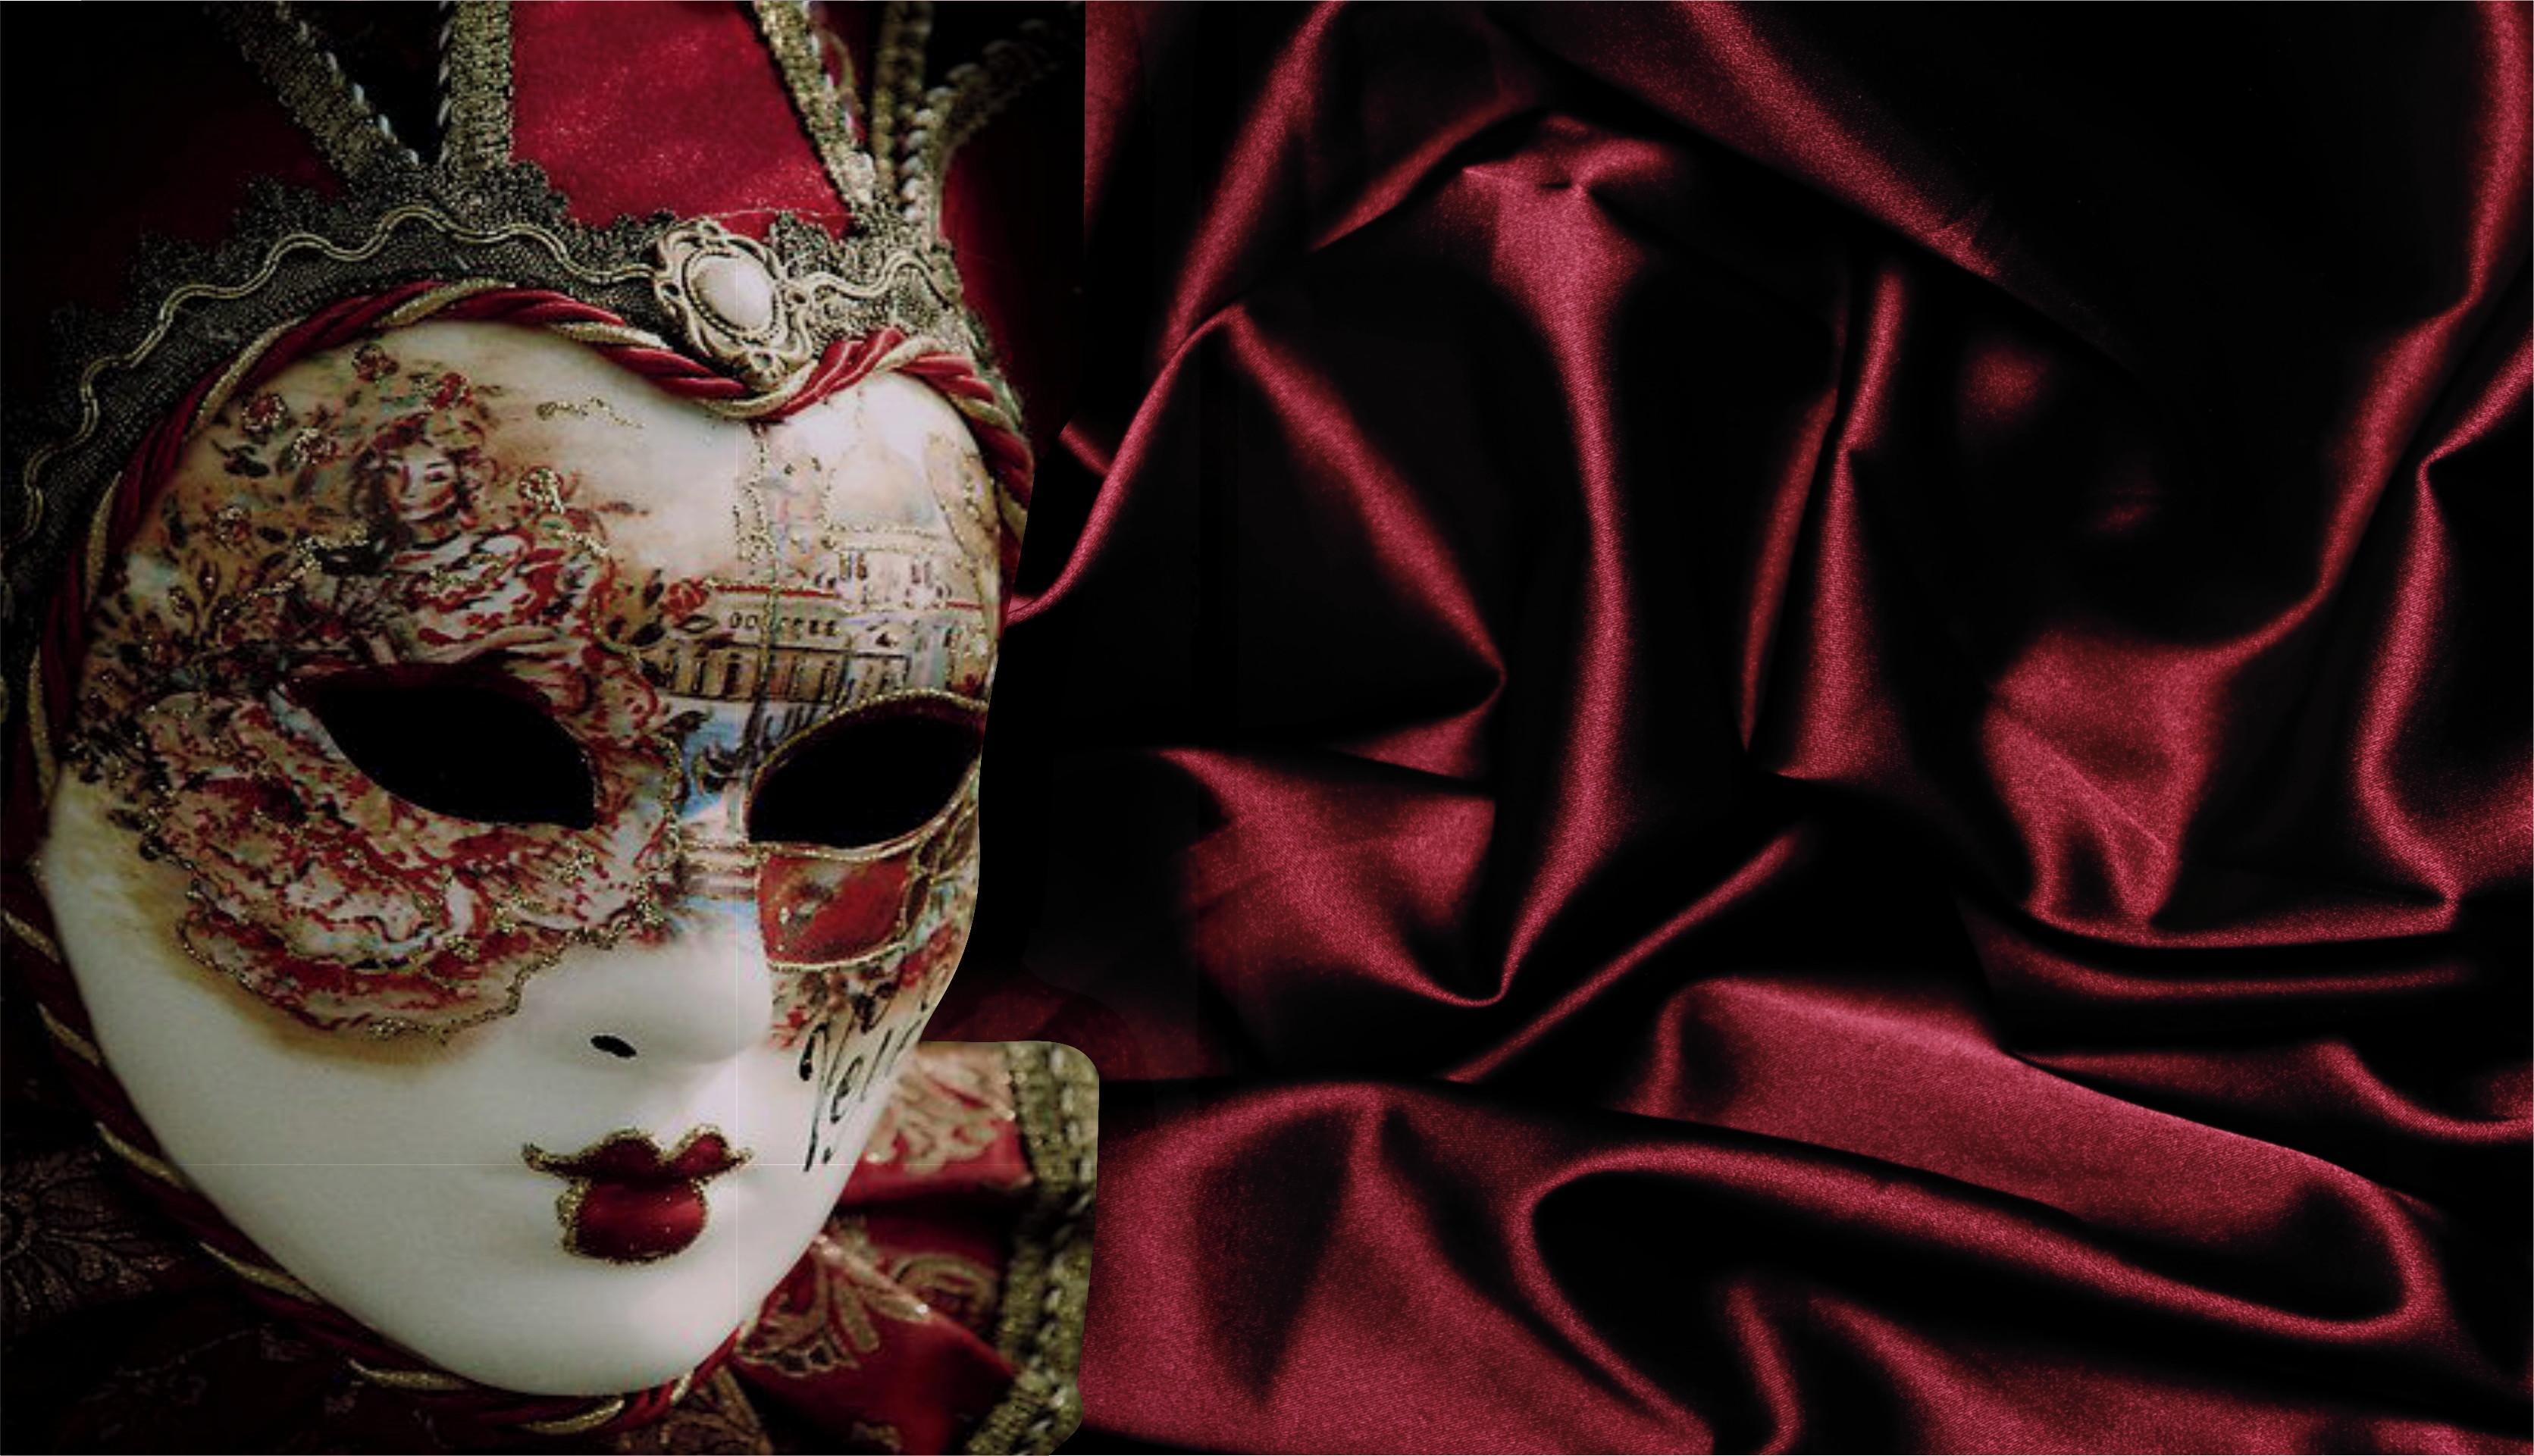 painel baile de mascaras no elo7 materia prima art em sublimatico